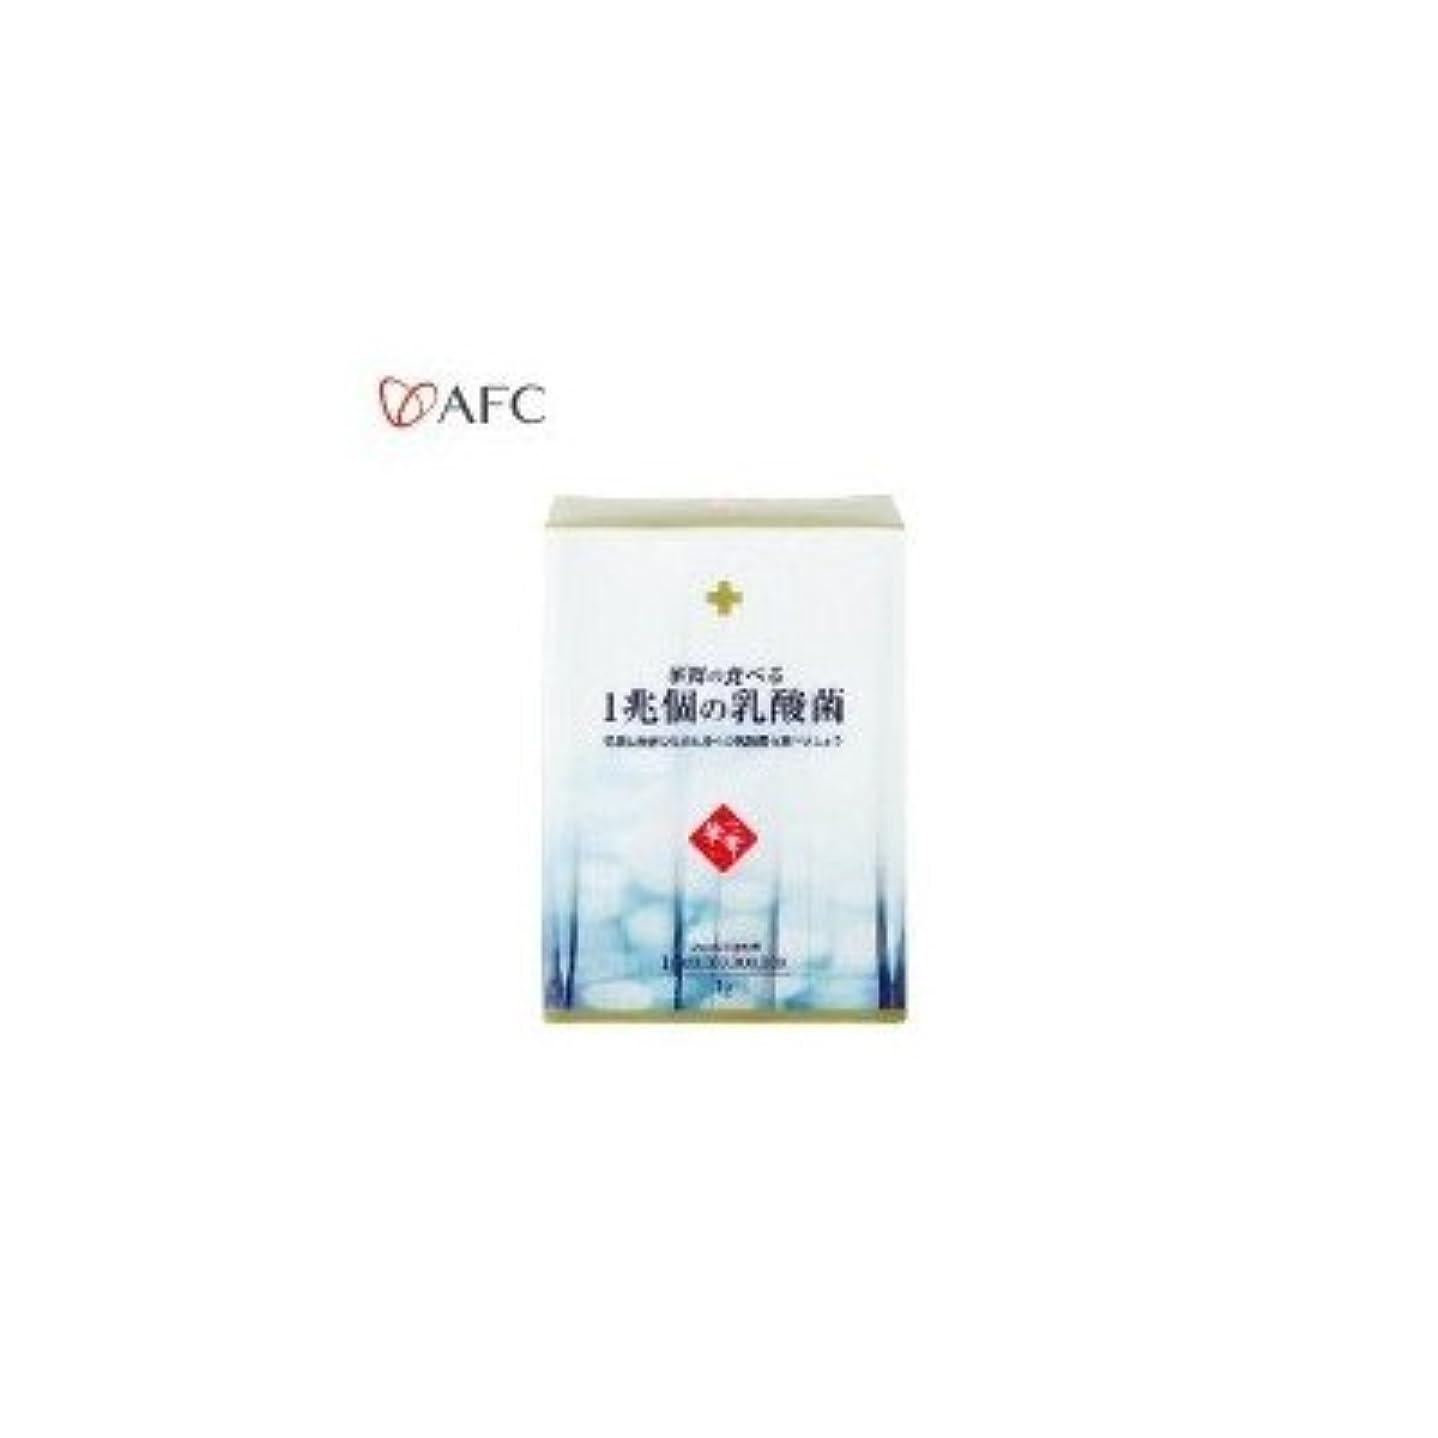 嘆くドレインエアコンAFC 華舞シリーズ 華舞の1兆個の乳酸菌 スティックタイプ 30g(1g×30本) 3222 爽やかなヨーグルト 持ち運びにも便利なスティックタイプ